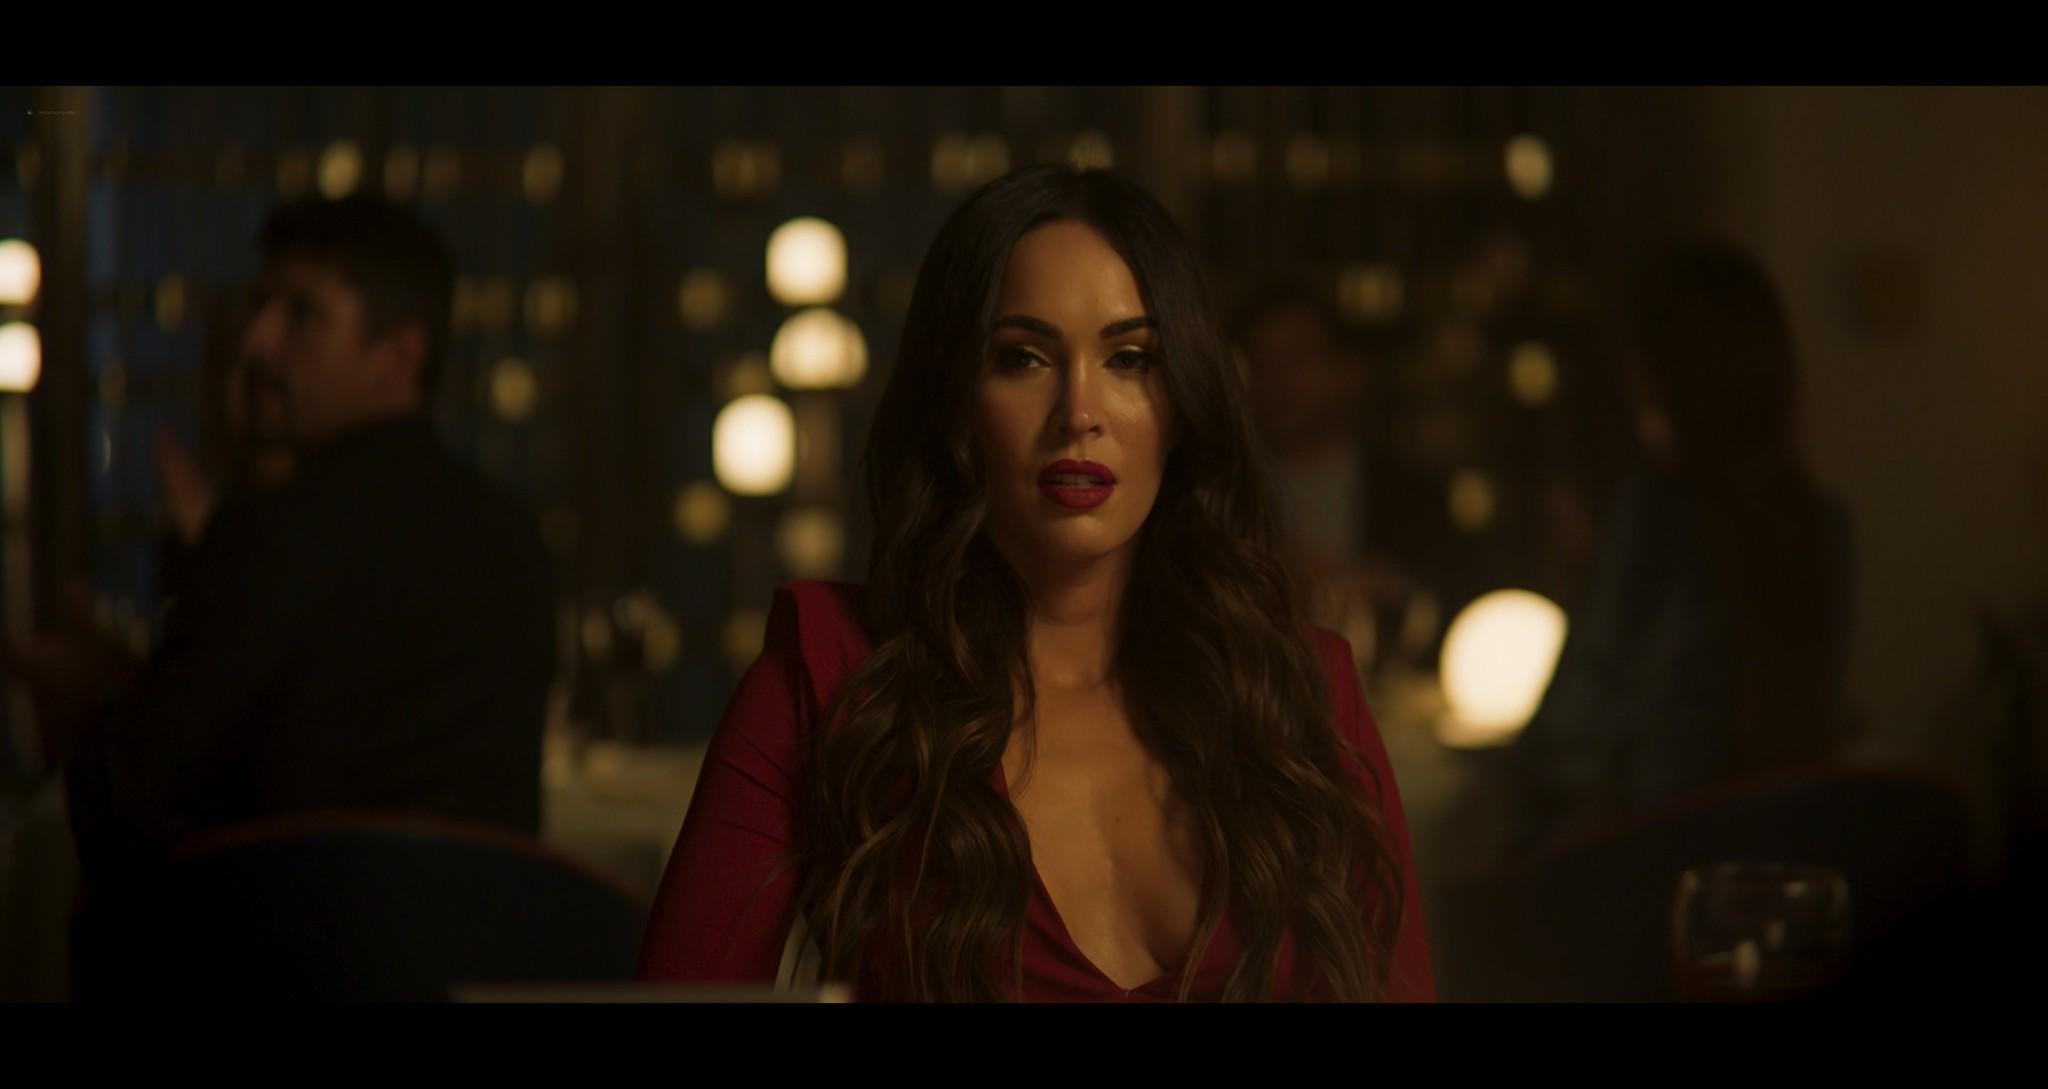 Megan Fox hot and sexy Till Death 2021 4k 2160p Web 5